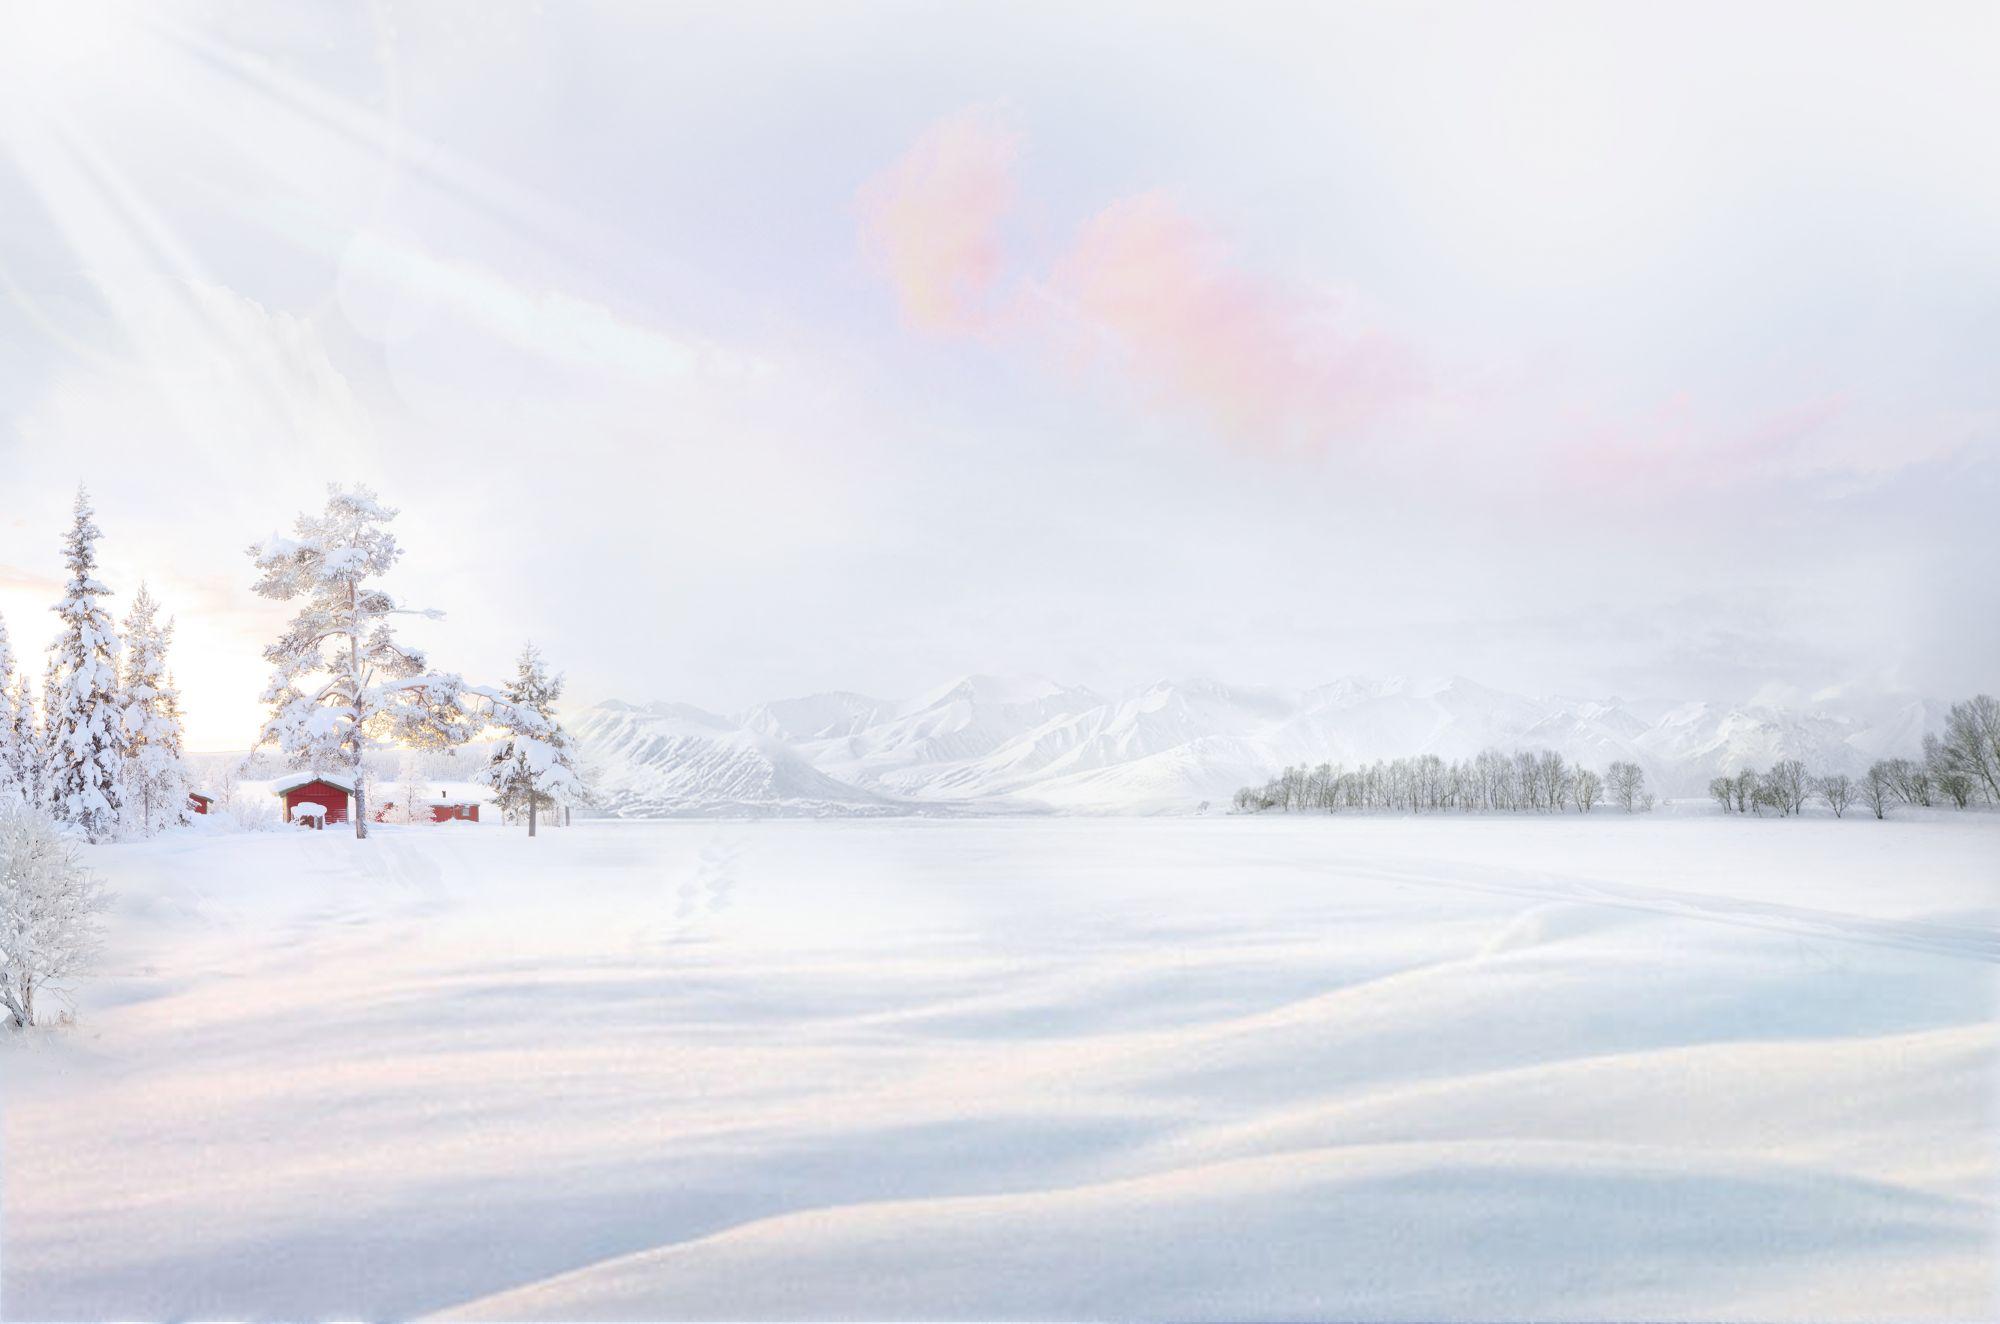 雪天老年人防跌倒 应采取正确救助、康复措施